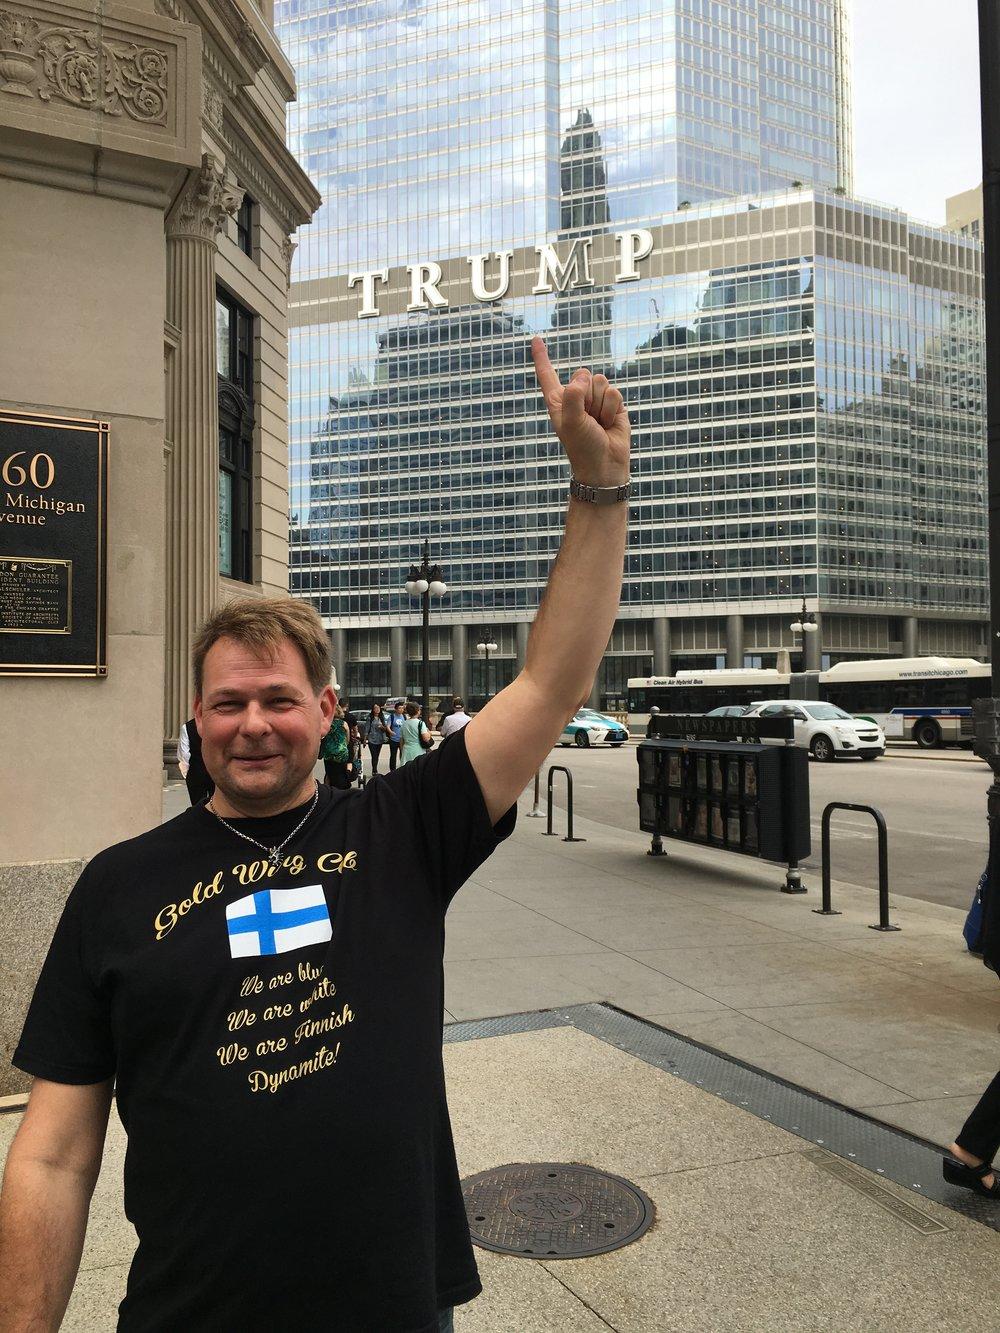 Trump tuli Finnish Dynamitea vastaan Michigan Avenuella.